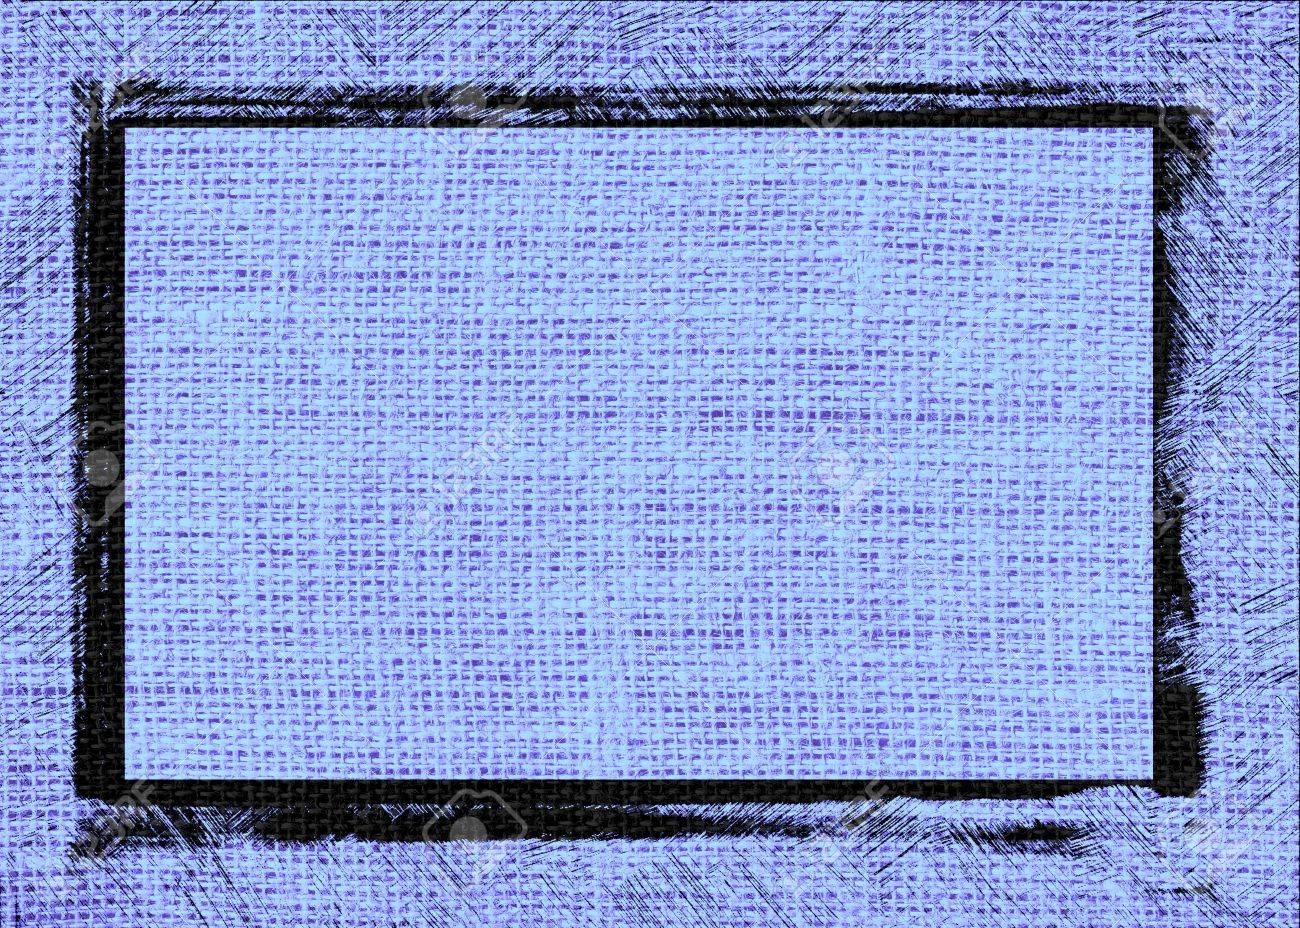 Vista Arpillera Azul Textura De Fondo Con Diseño De Marco Negro ...